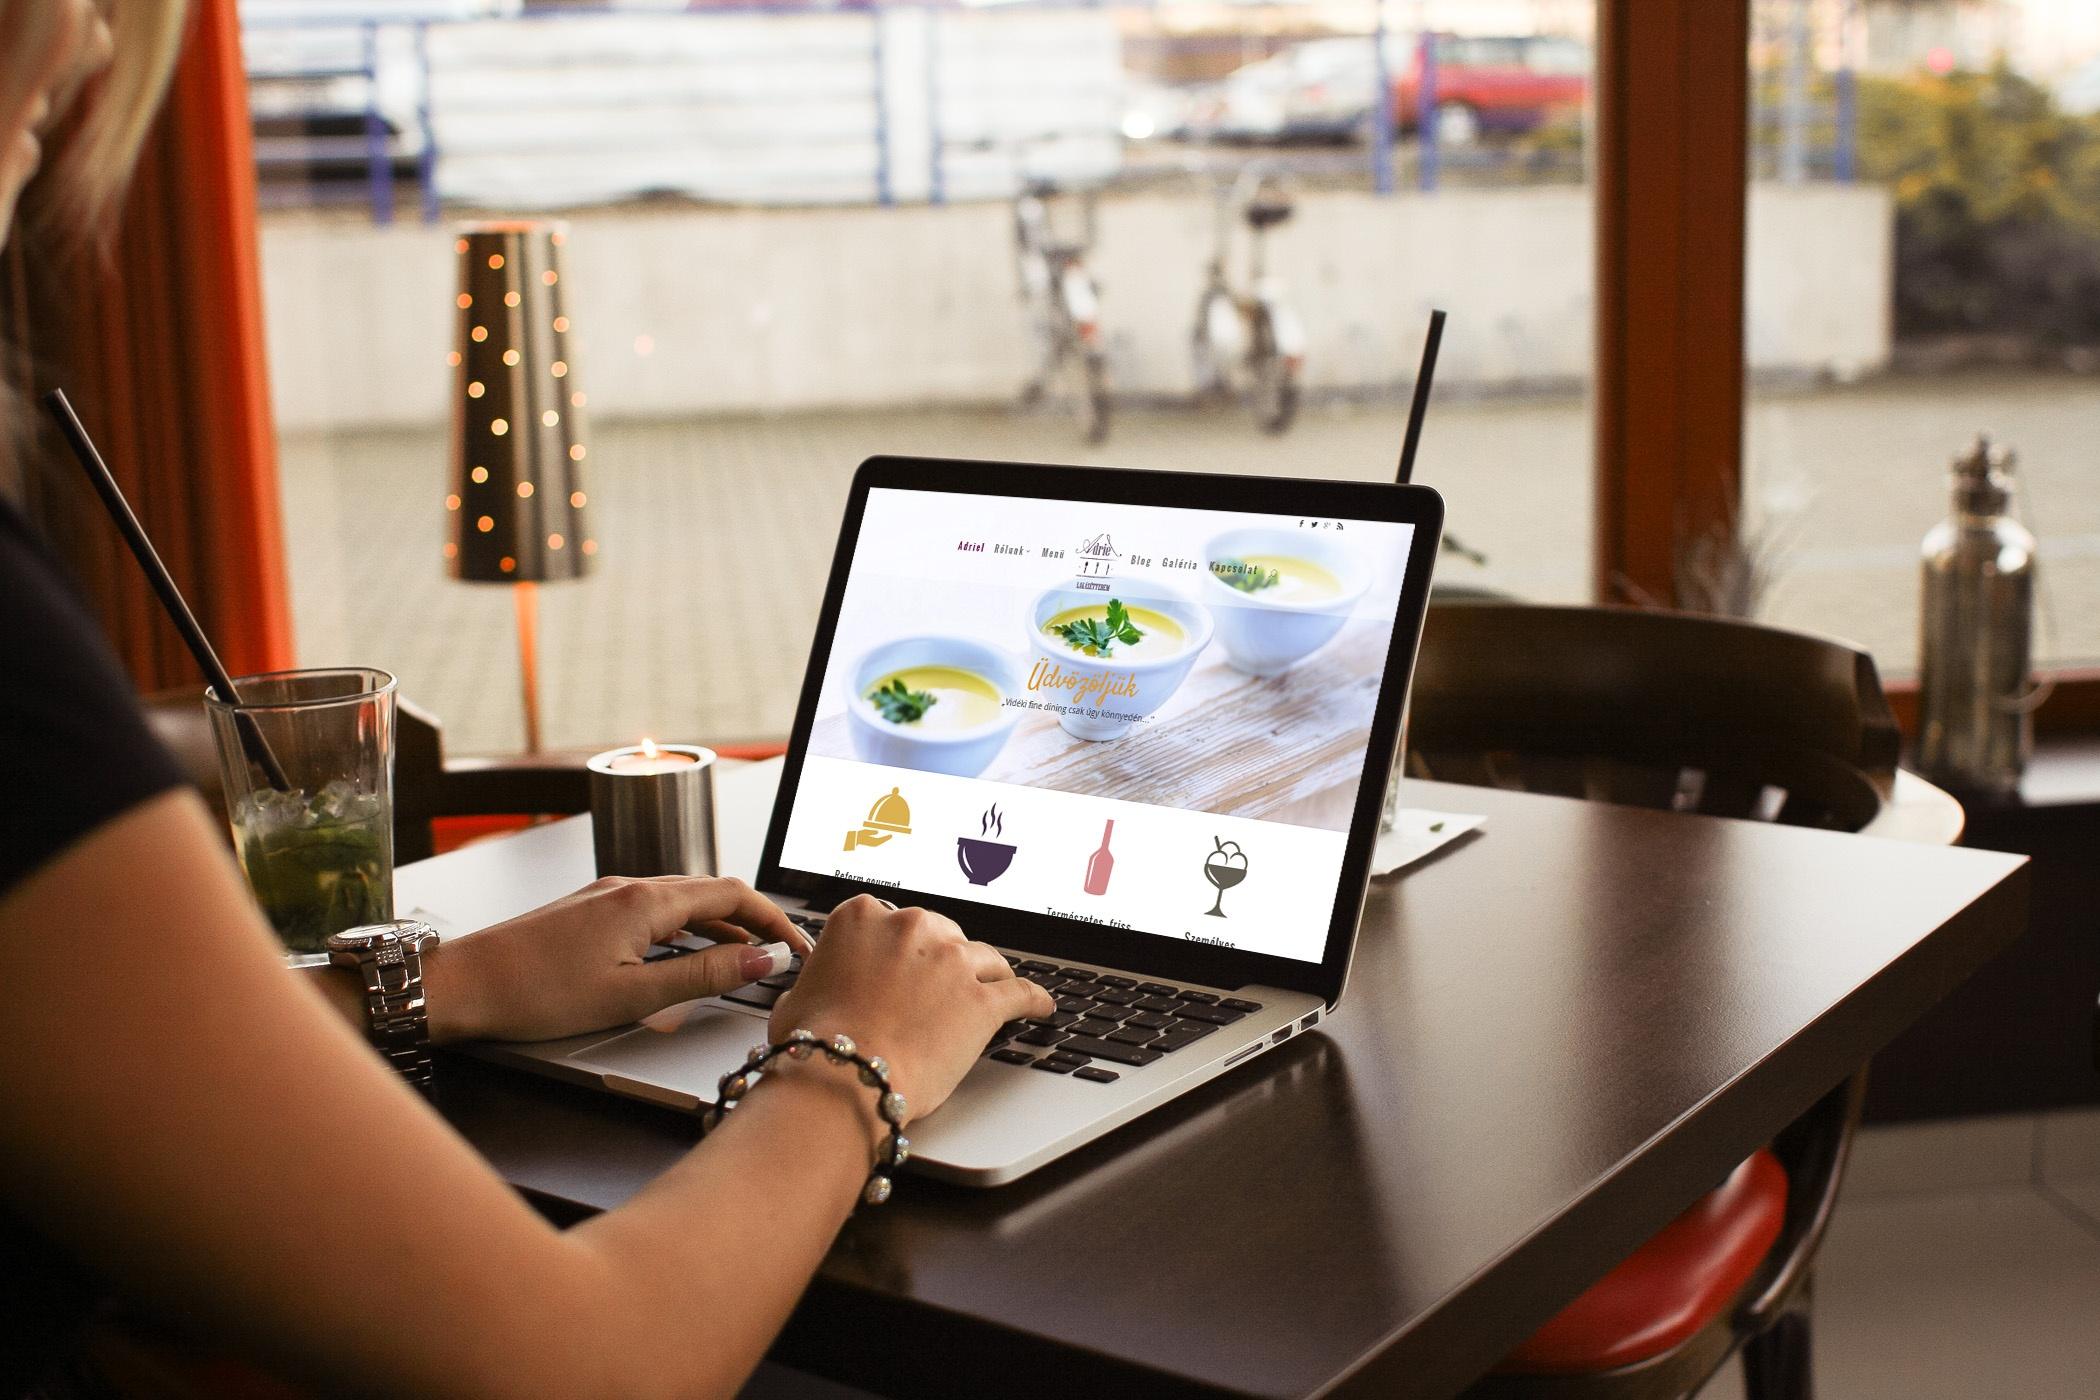 Reszponzív weboldal laptopon, Adriel lakásétterem